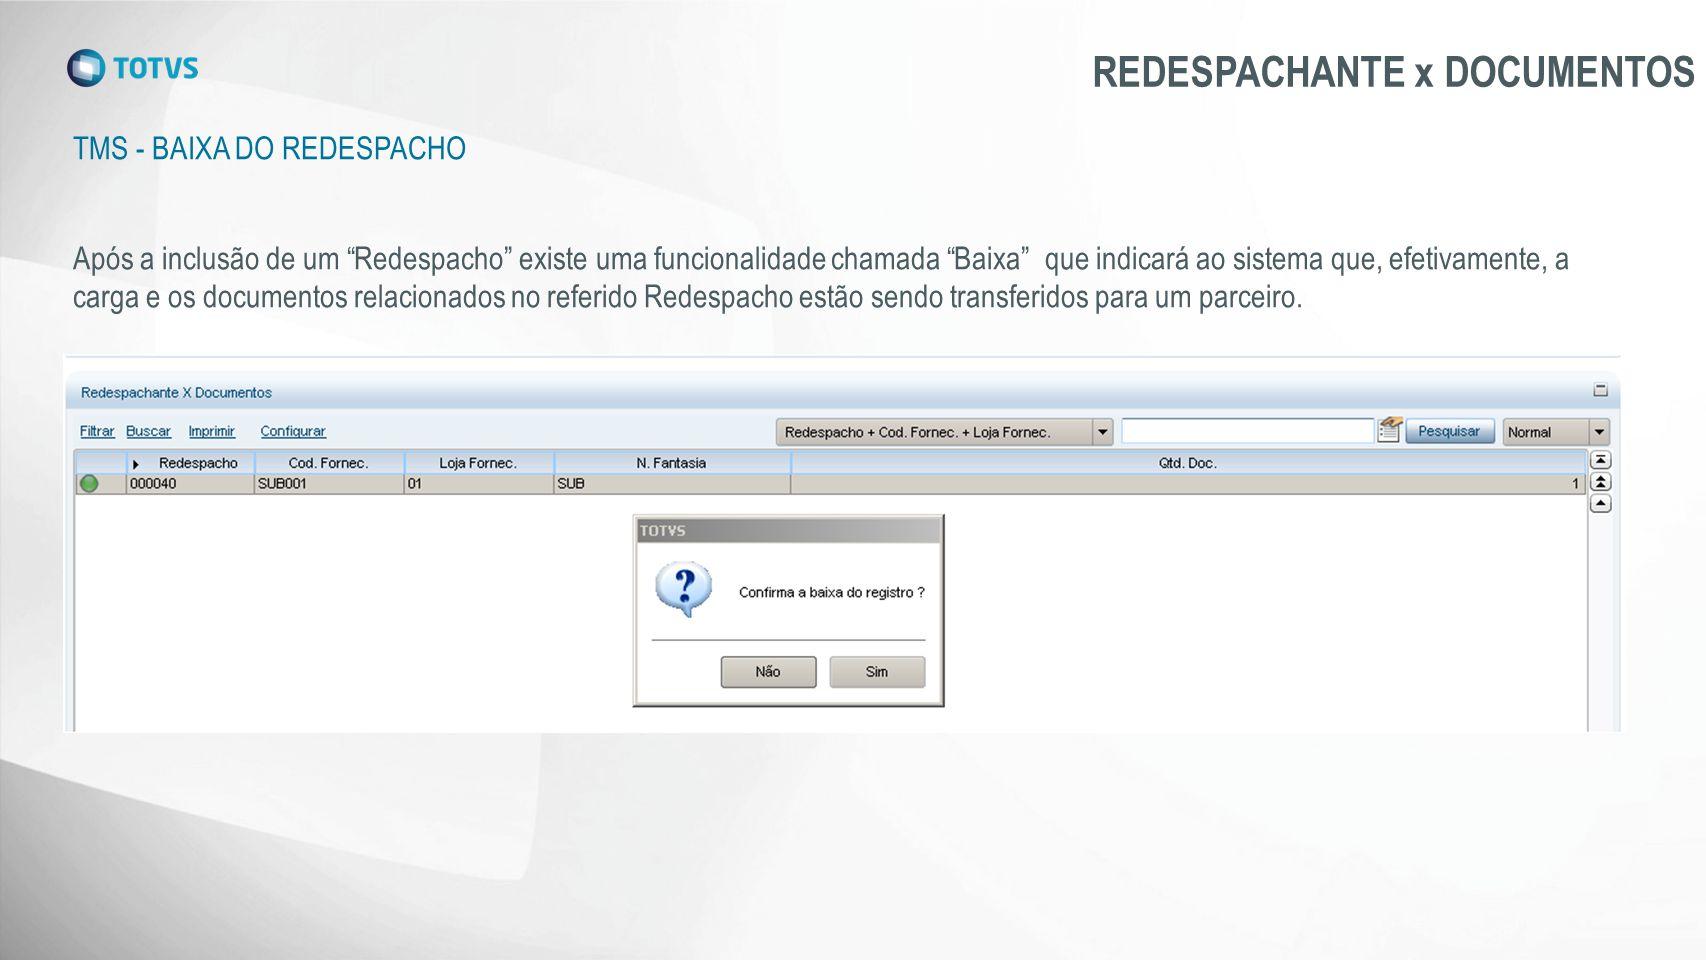 """TMS - BAIXA DO REDESPACHO REDESPACHANTE x DOCUMENTOS Após a inclusão de um """"Redespacho"""" existe uma funcionalidade chamada """"Baixa"""" que indicará ao sist"""